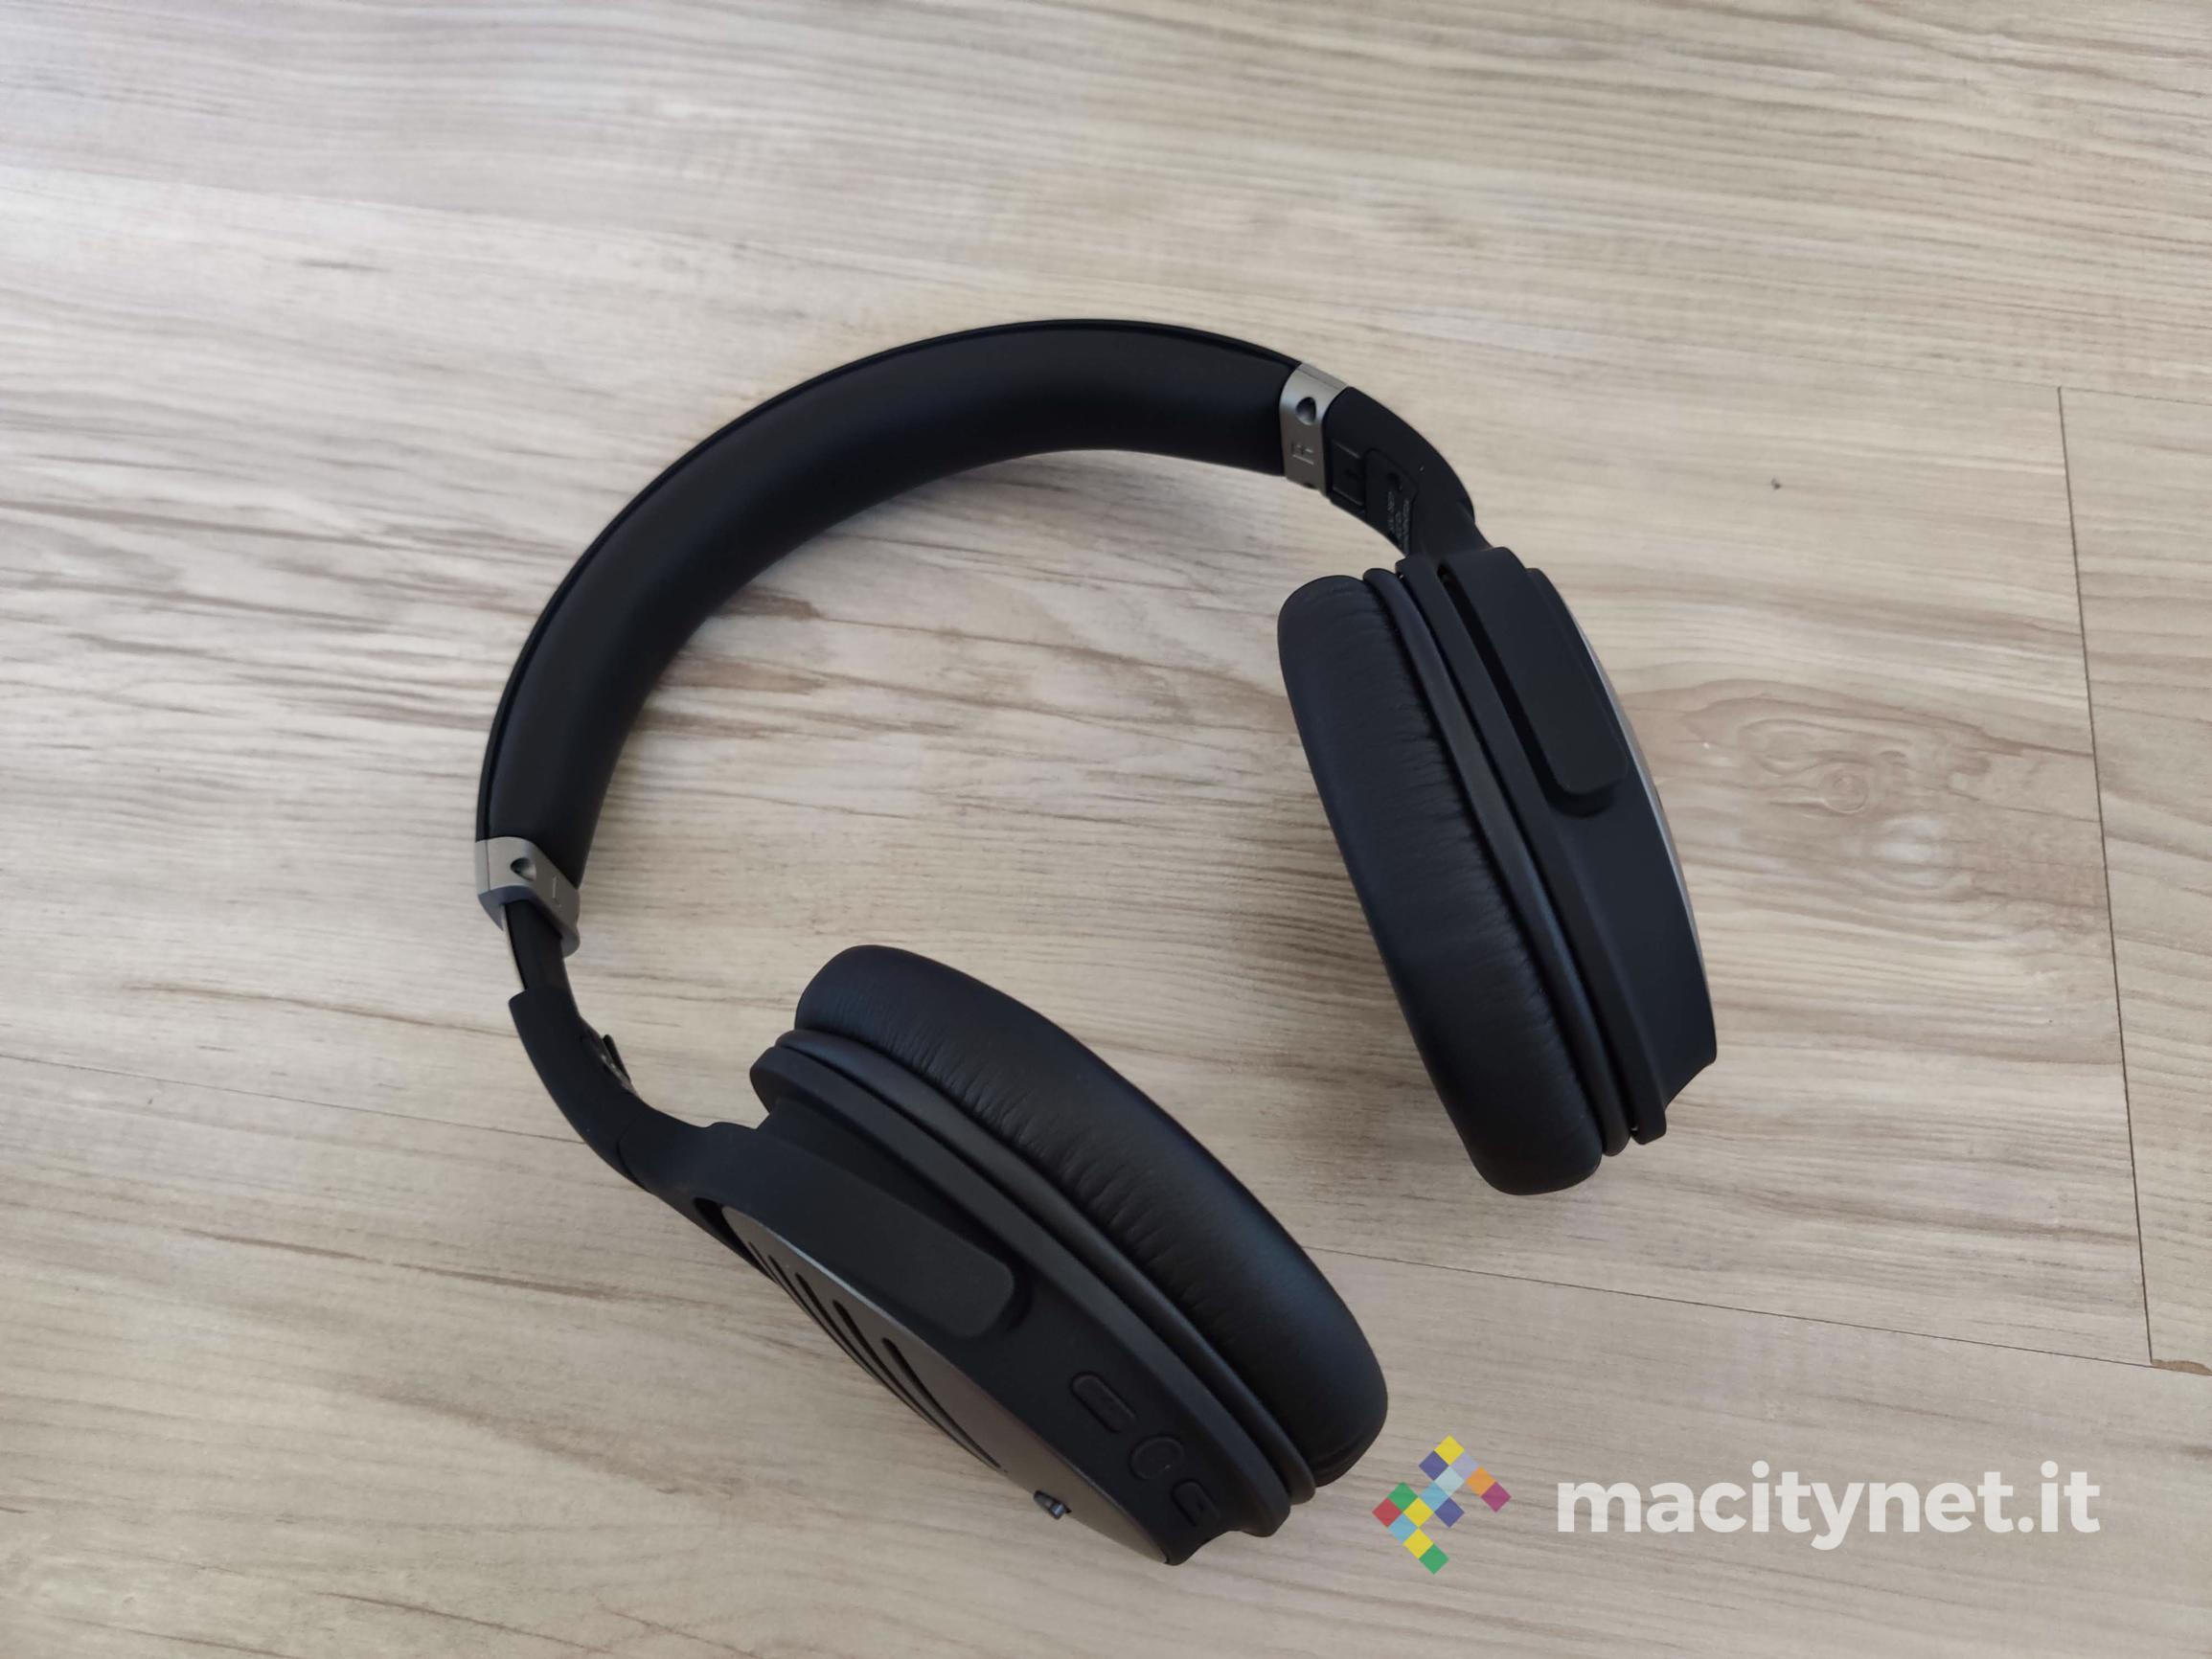 Recensione cuffie a cancellazione del rumore attiva MPOW H16: incredibili